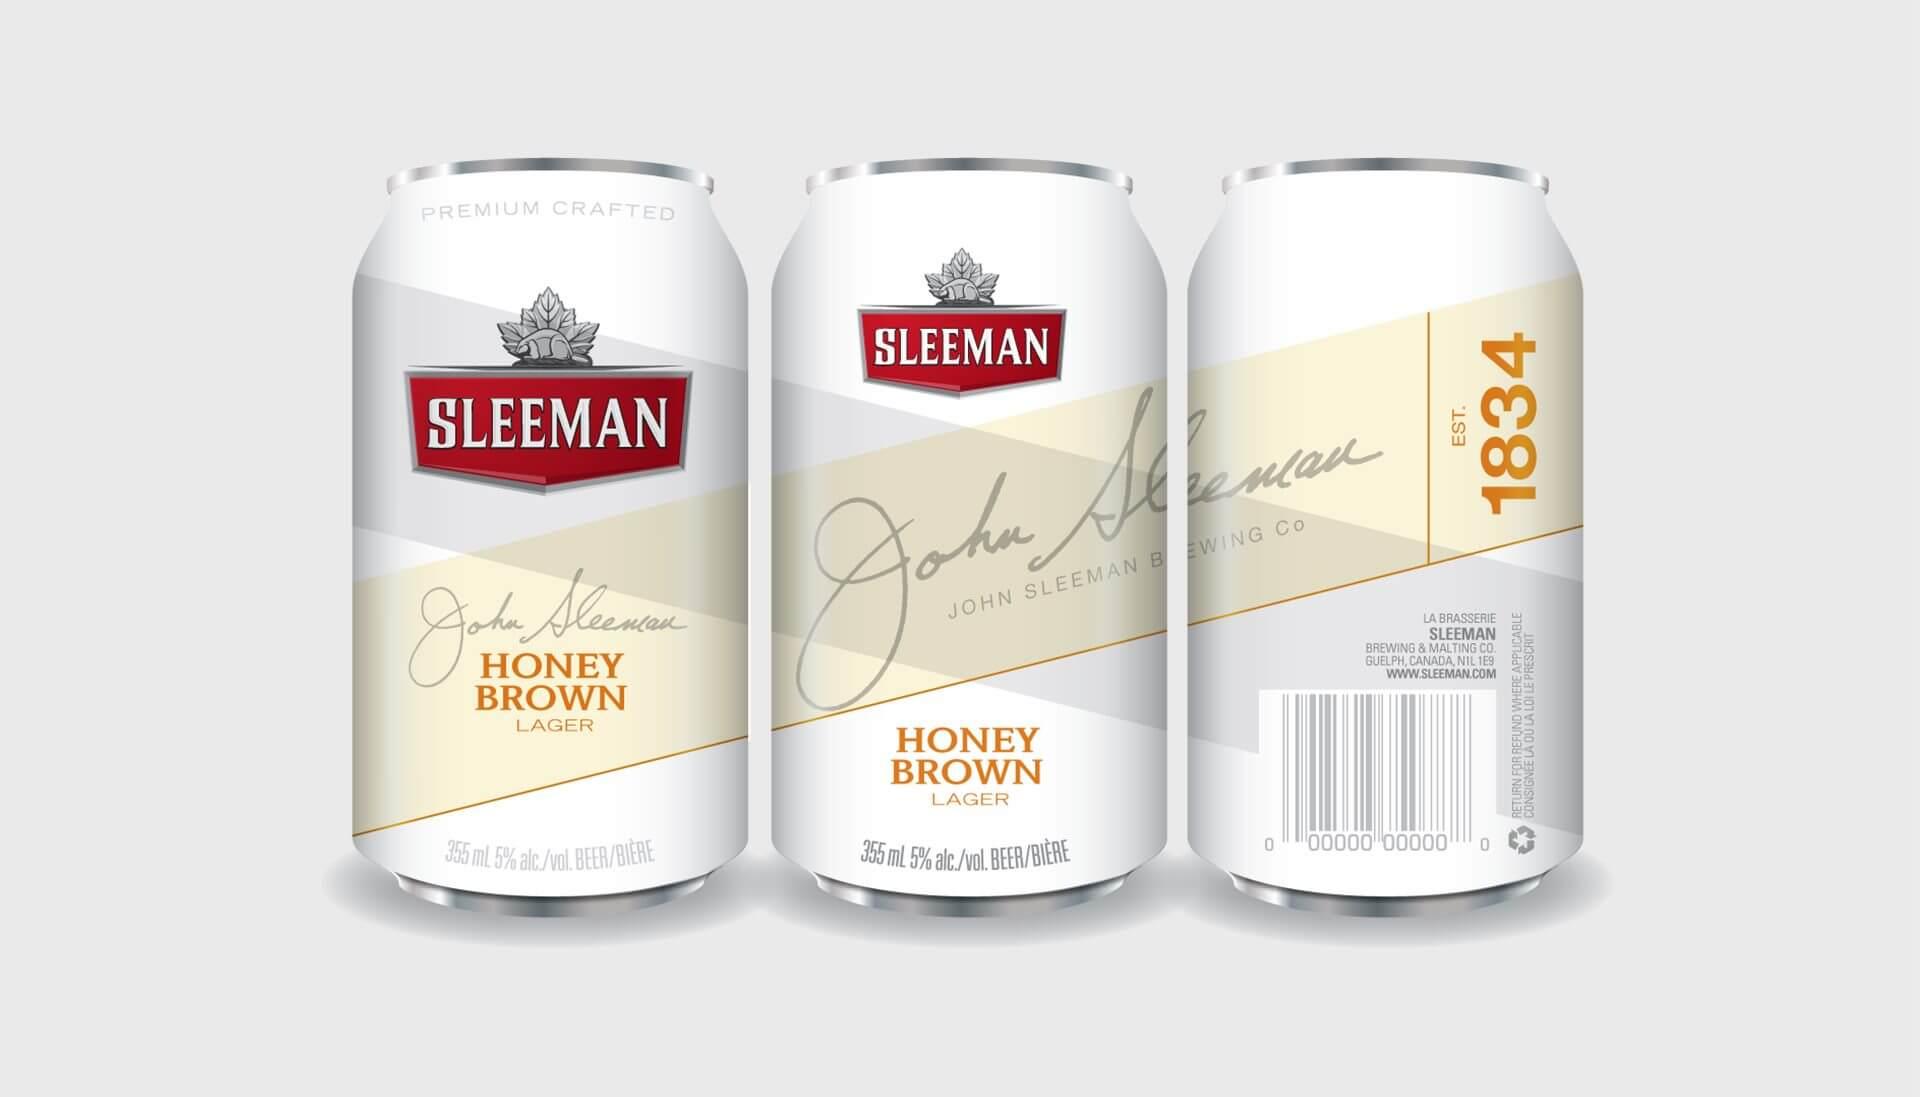 Sleeman beer can design concept